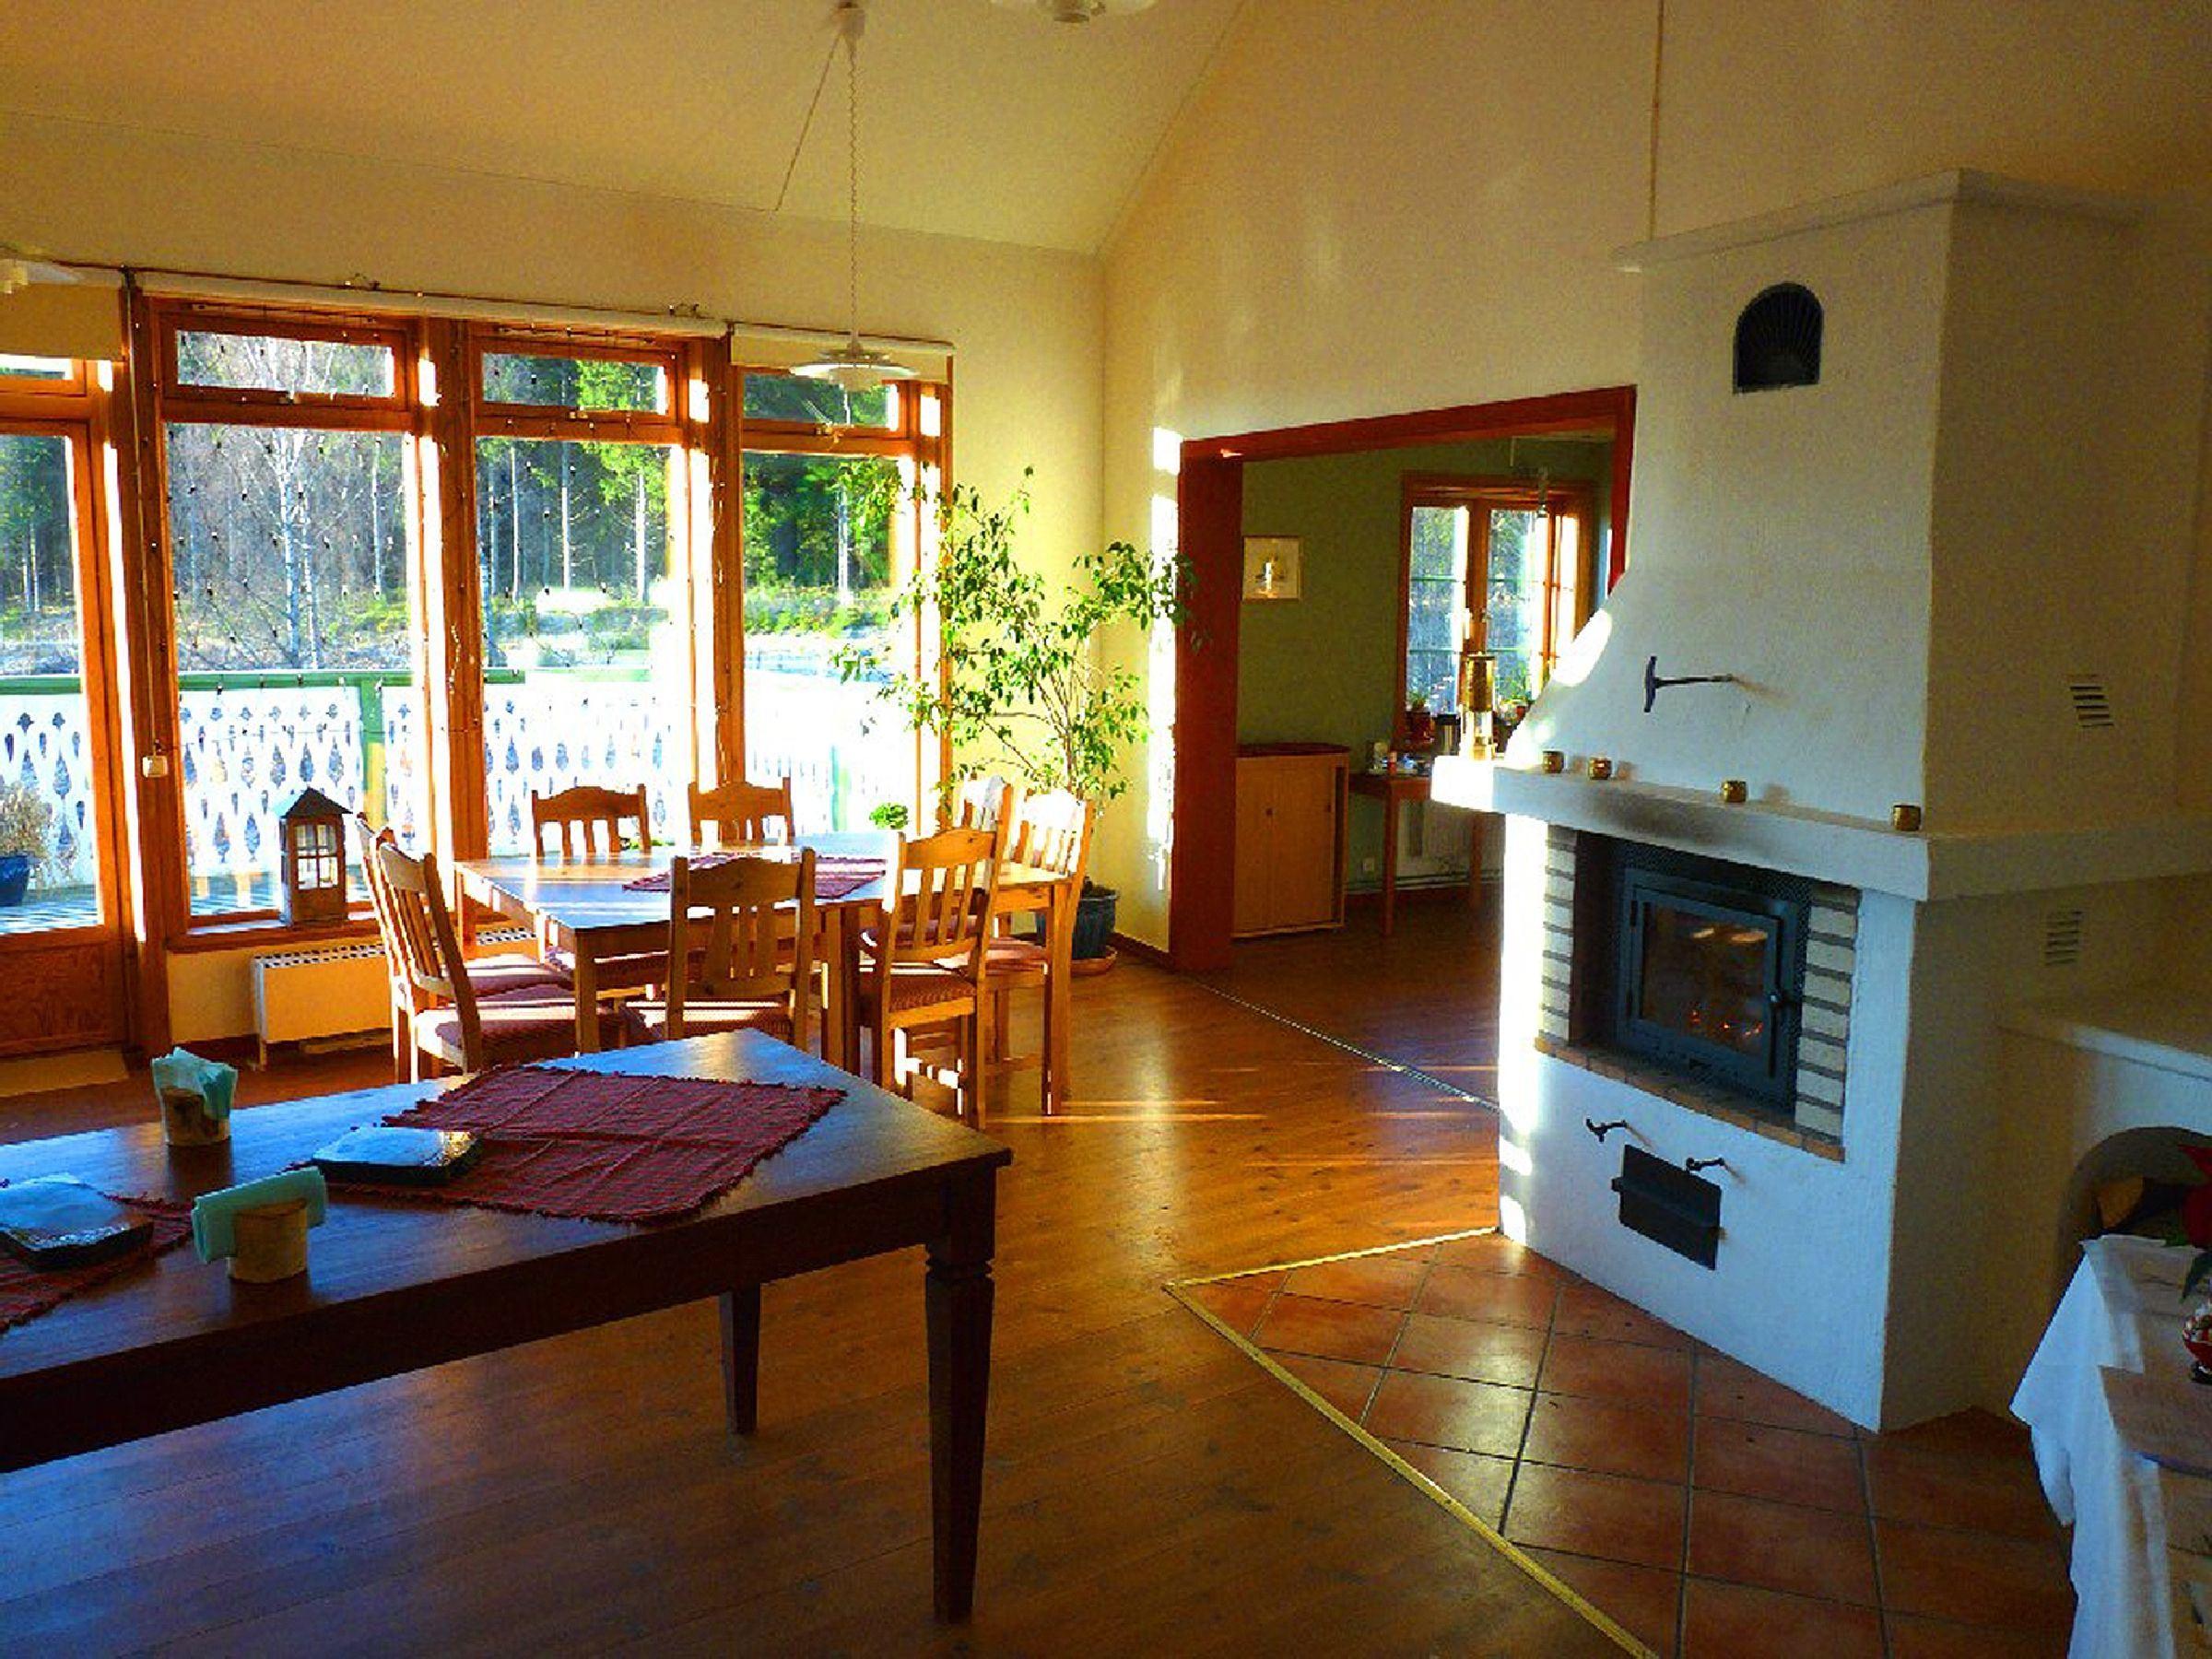 Tingvall - B&B, Eko-Lodge och konferensanläggning